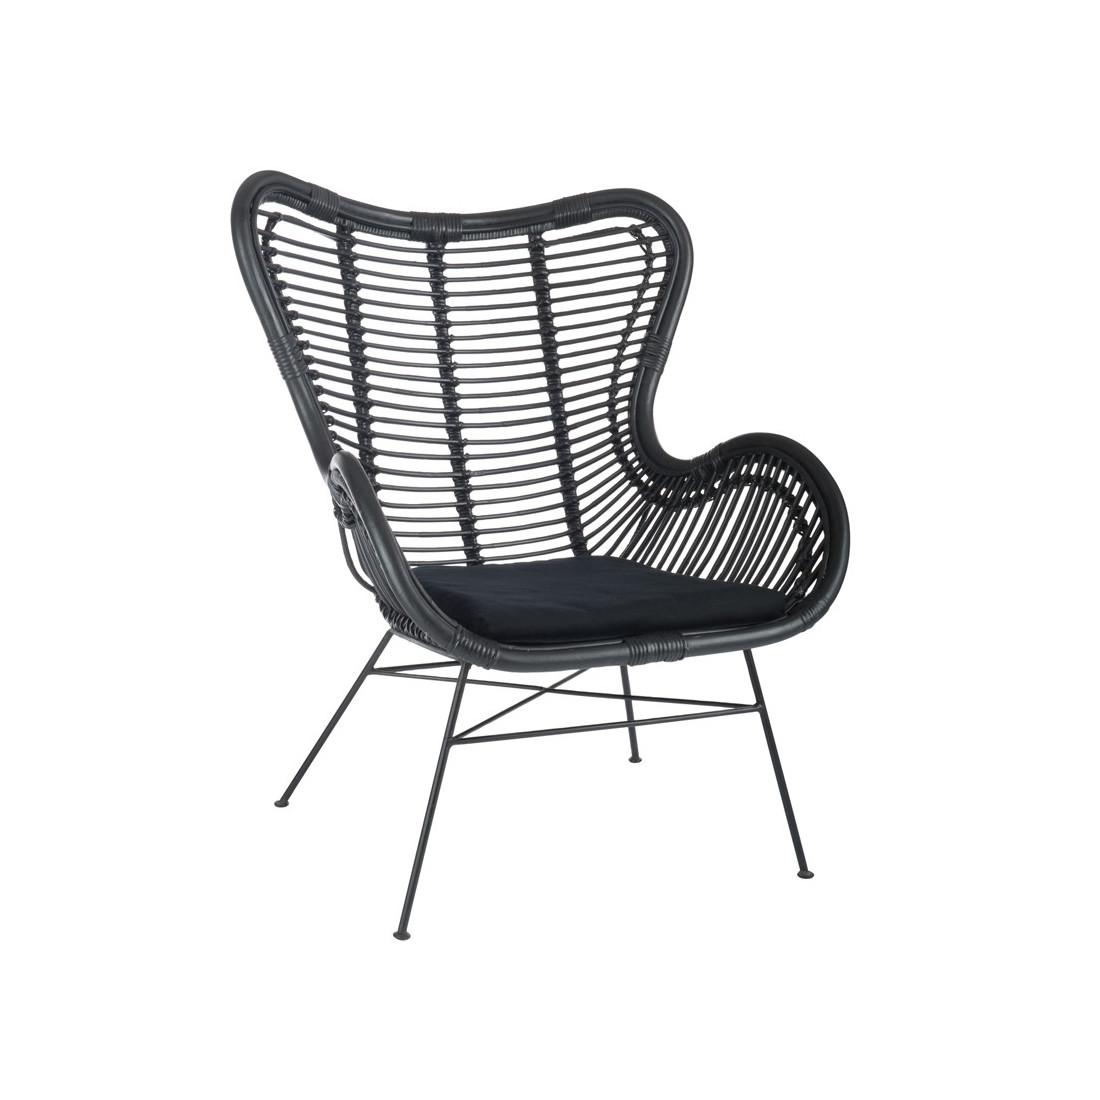 fauteuil robuste en rotin noir kohtao univers du salon. Black Bedroom Furniture Sets. Home Design Ideas